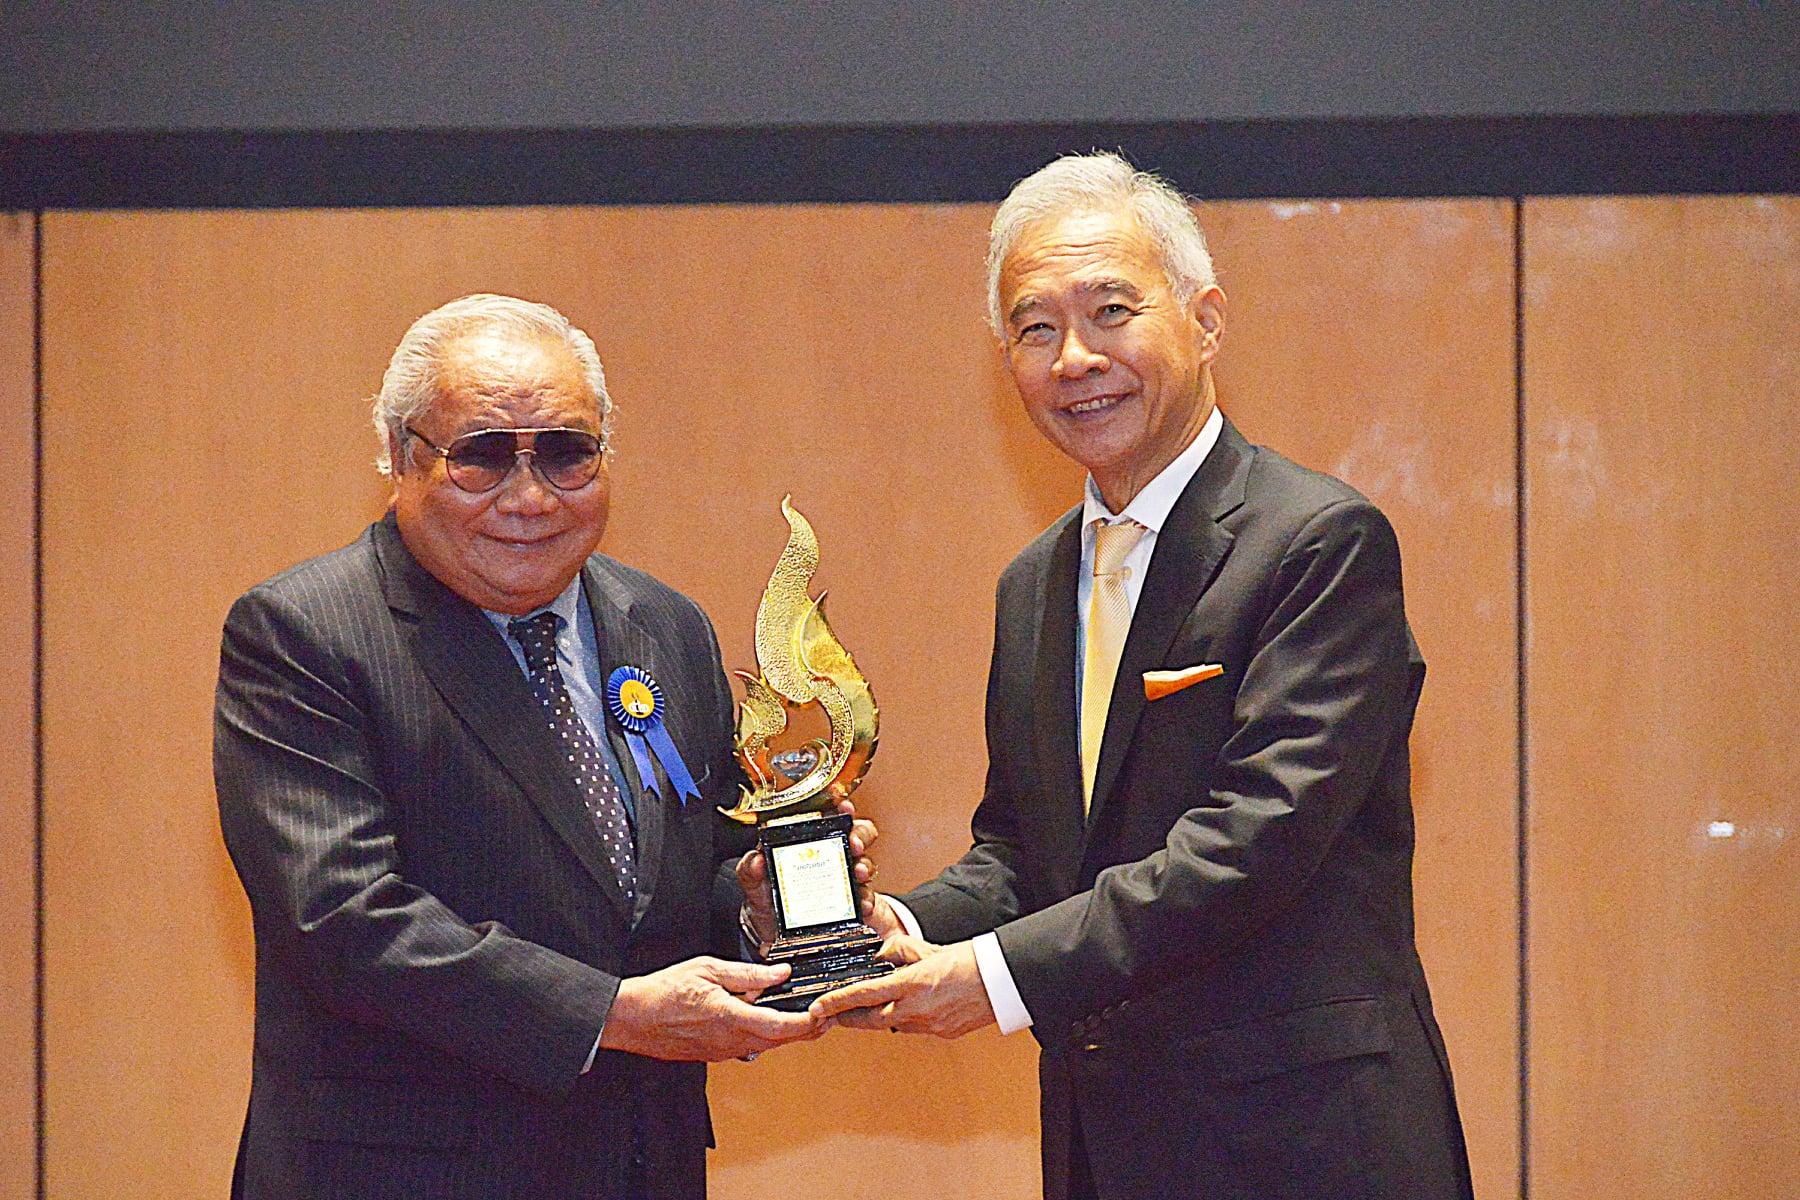 ดร.ปราจิน เอี่ยมลำเนา รับรางวัลเชิดชูเกียรติ 'เพชรกนก' สาขา 'เกียรติภูมิแผ่นดิน'